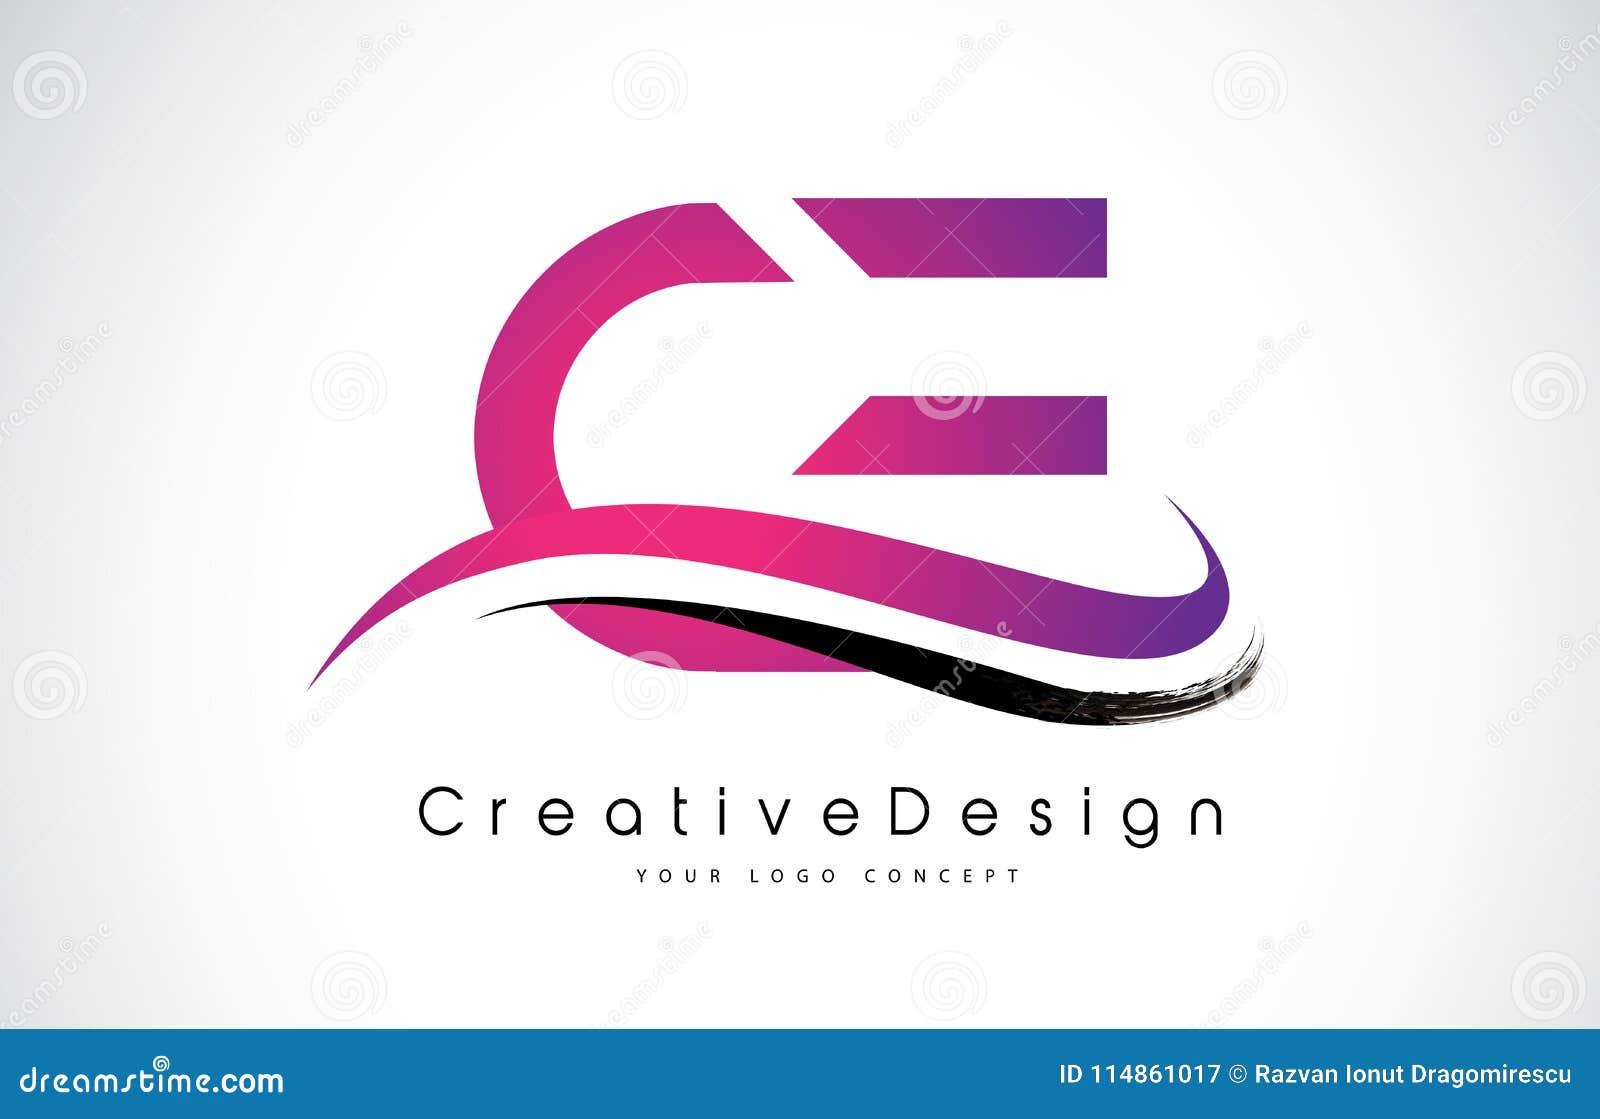 CE C E Letter Logo Design. Creative Icon Modern Letters Vector L ...